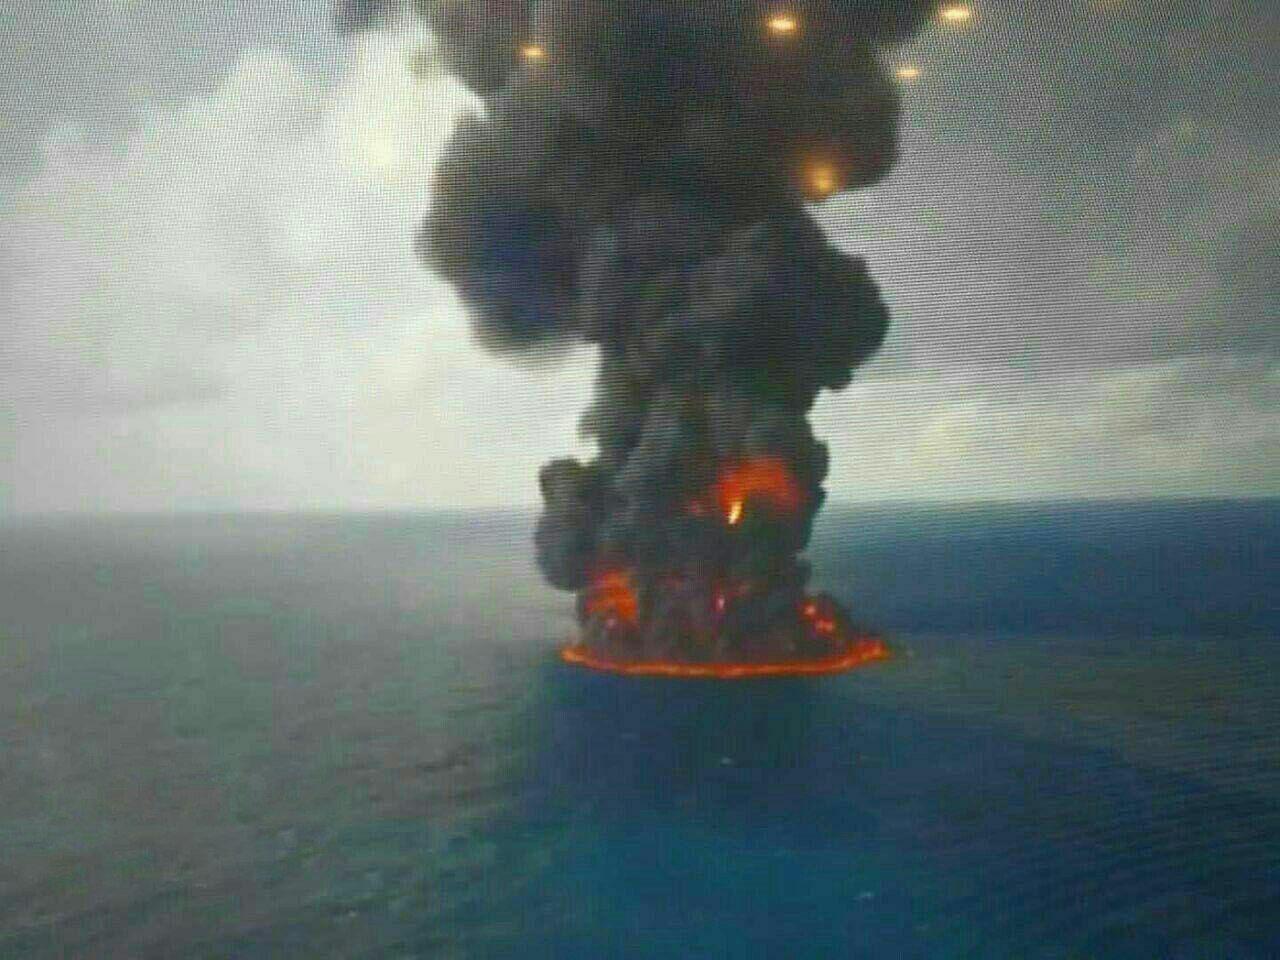 تصویر هولناک از آخرین وضعیت نفتکش سانچی (عکس)